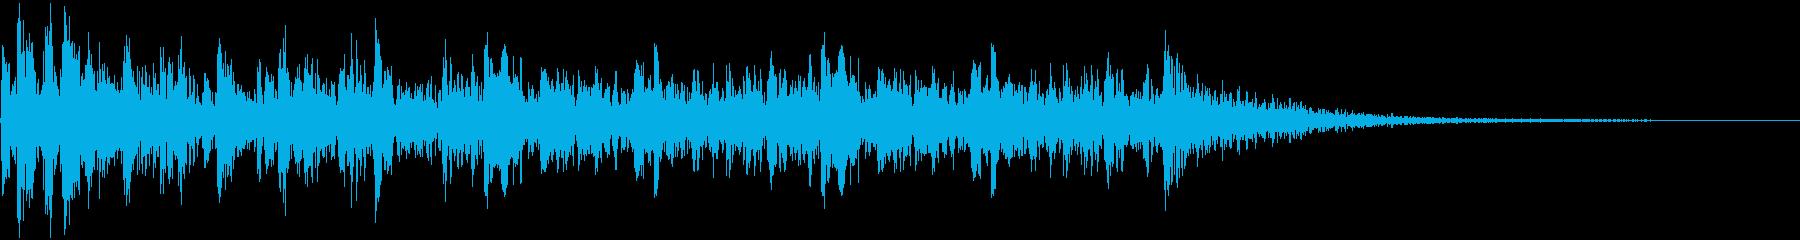 ティンパニロールの再生済みの波形